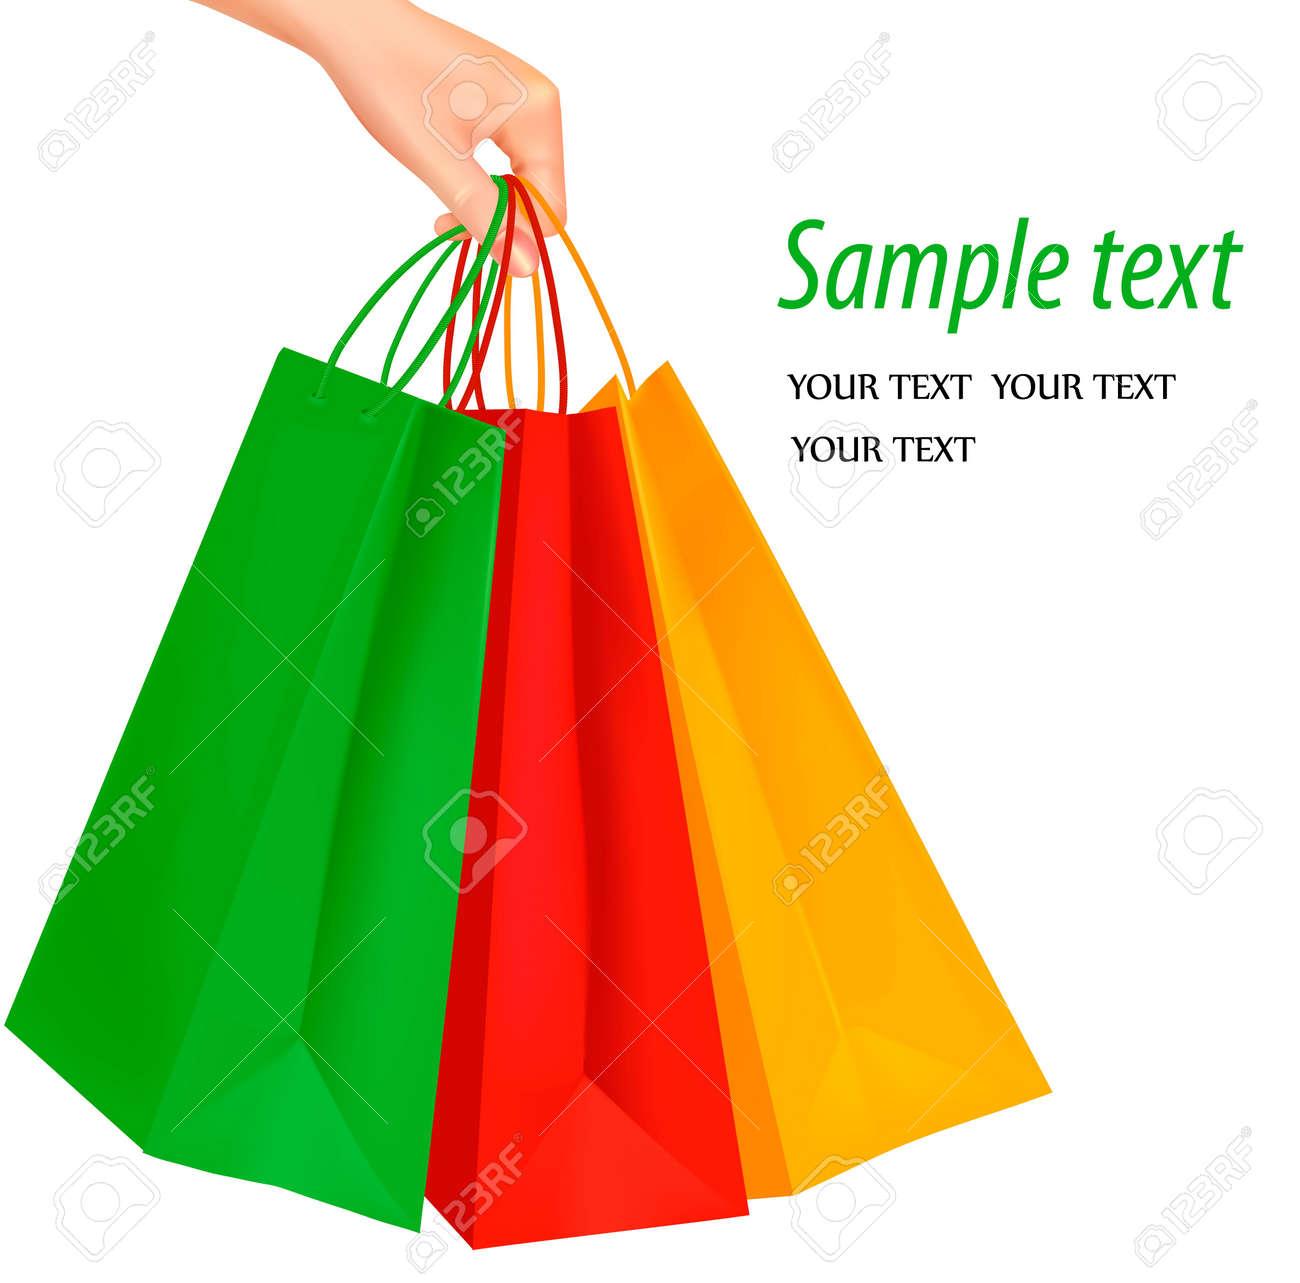 b1f1647e85 Foto de archivo - Mujer mano con un montón de bolsas de la compra